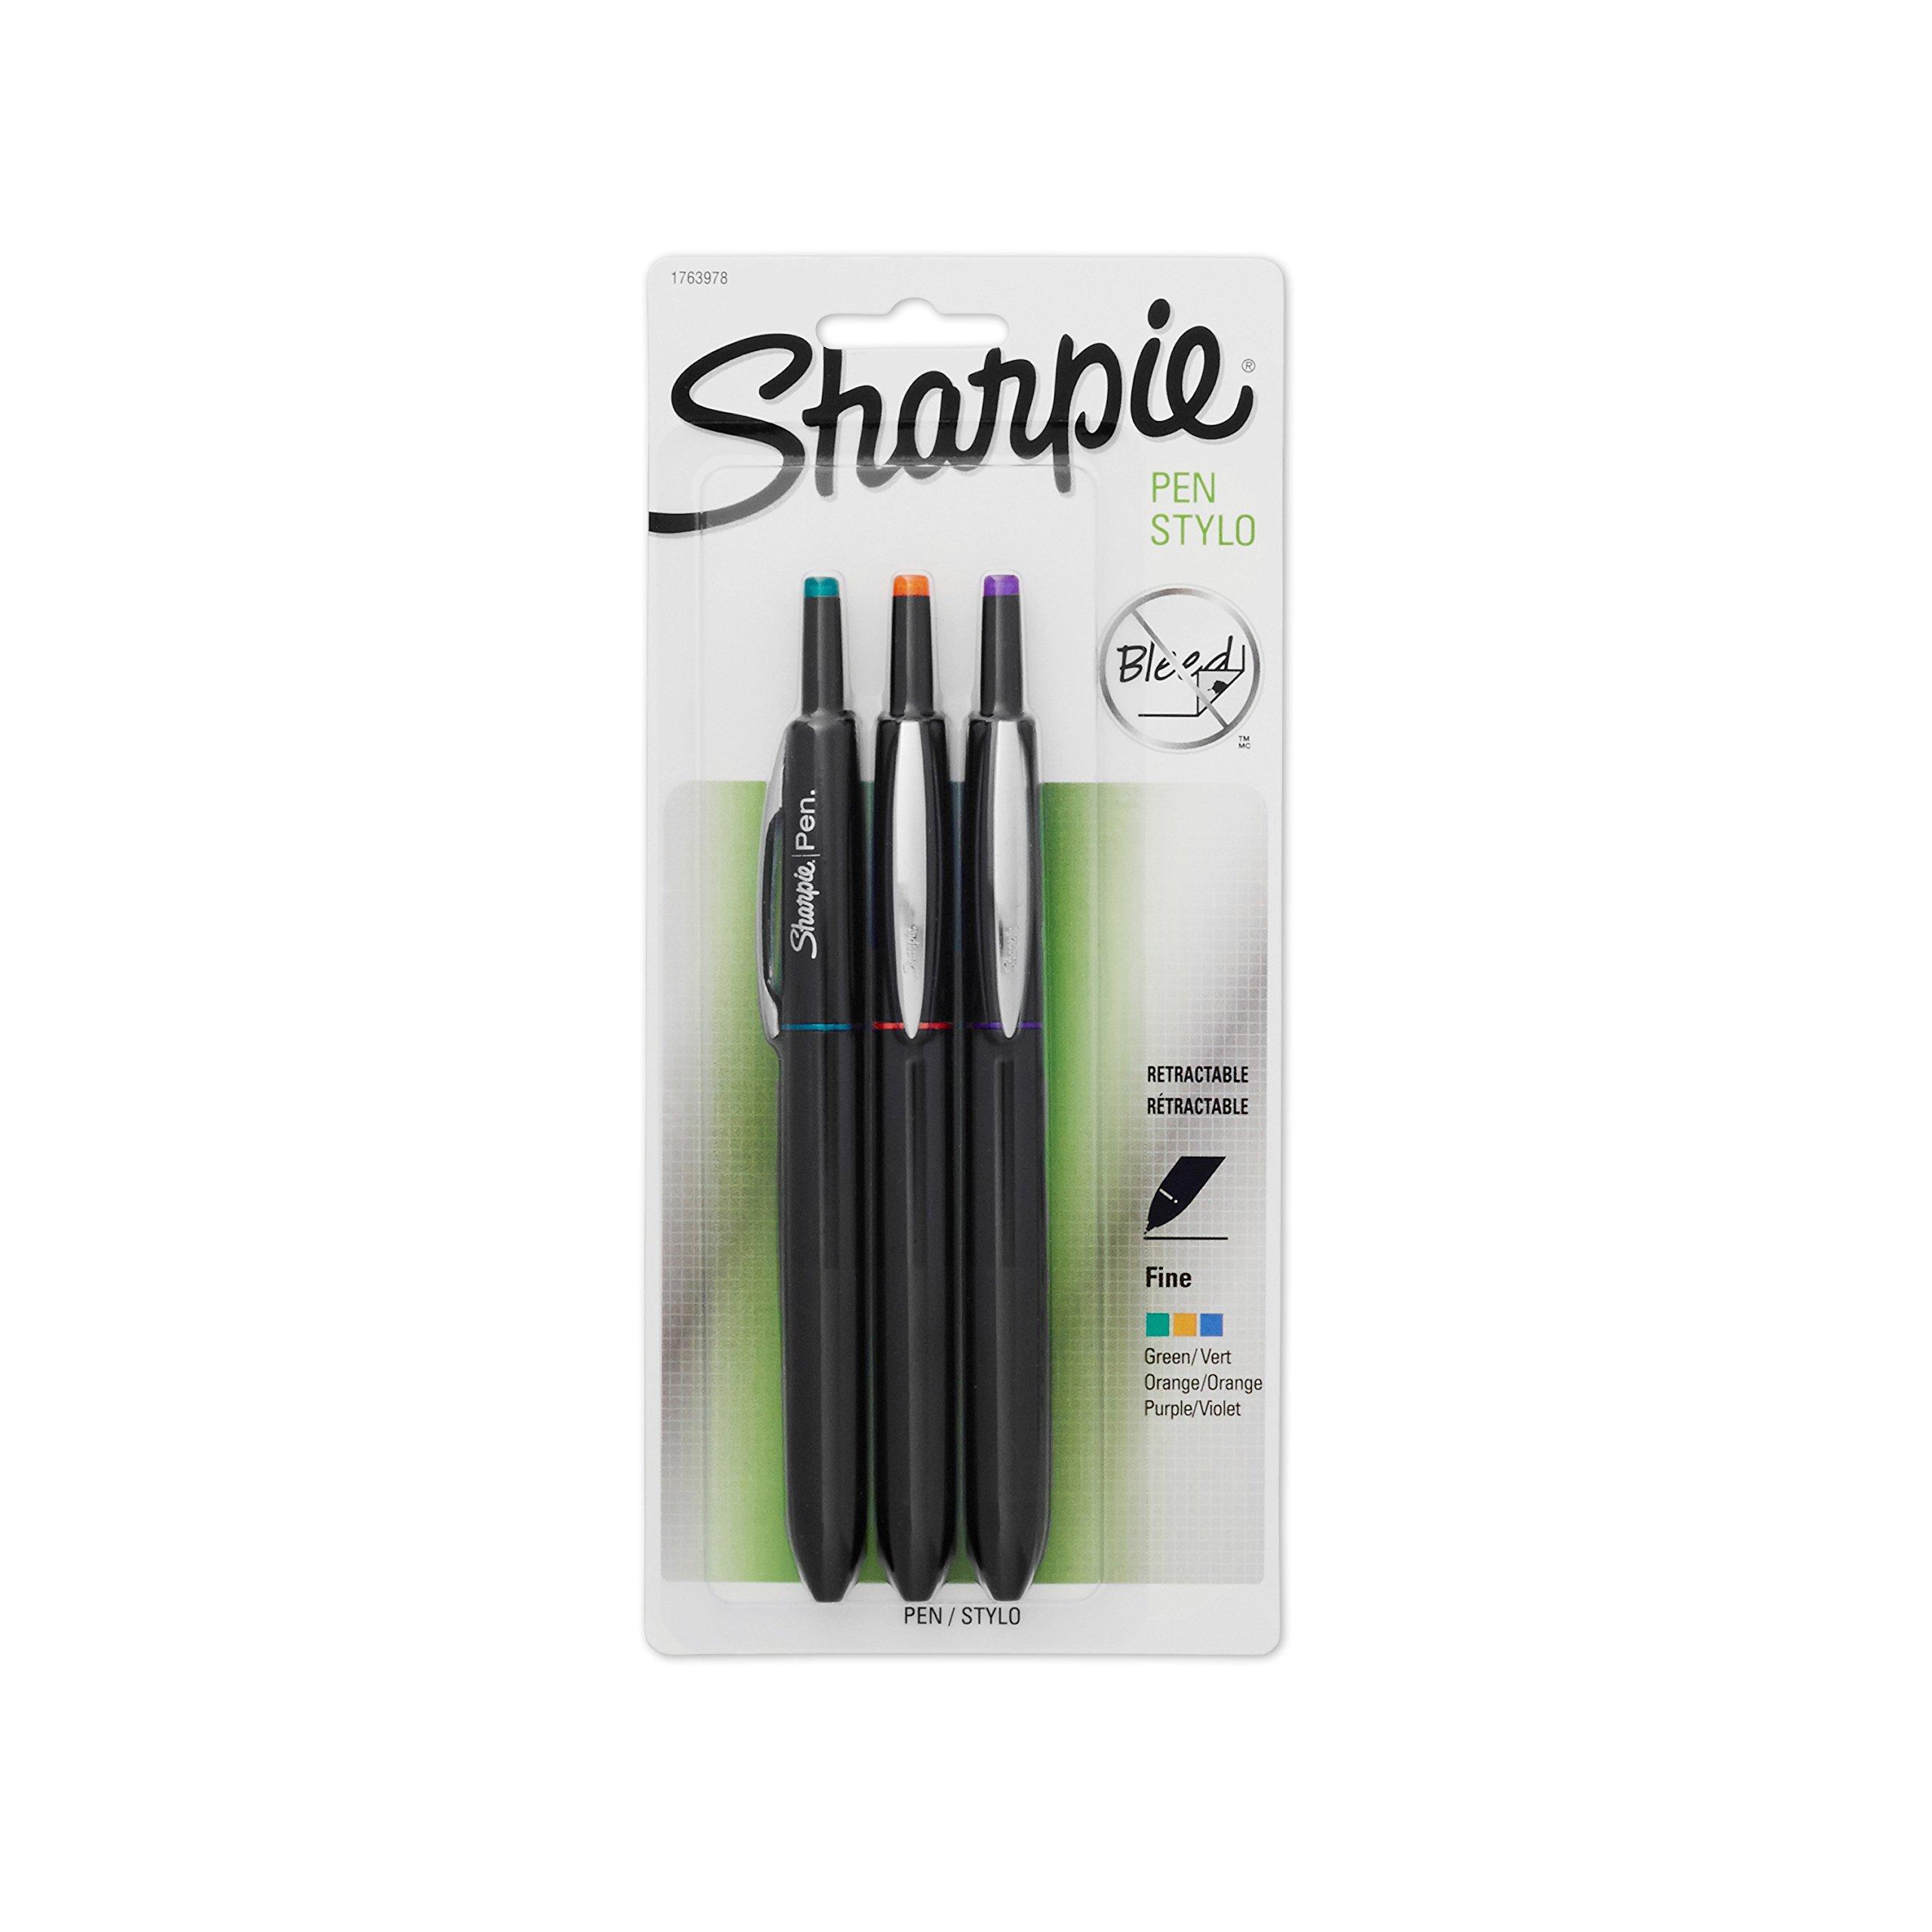 Sharpie 1763978 Retractable Fine-Point Pen, Assorted Colors, 3-Pack